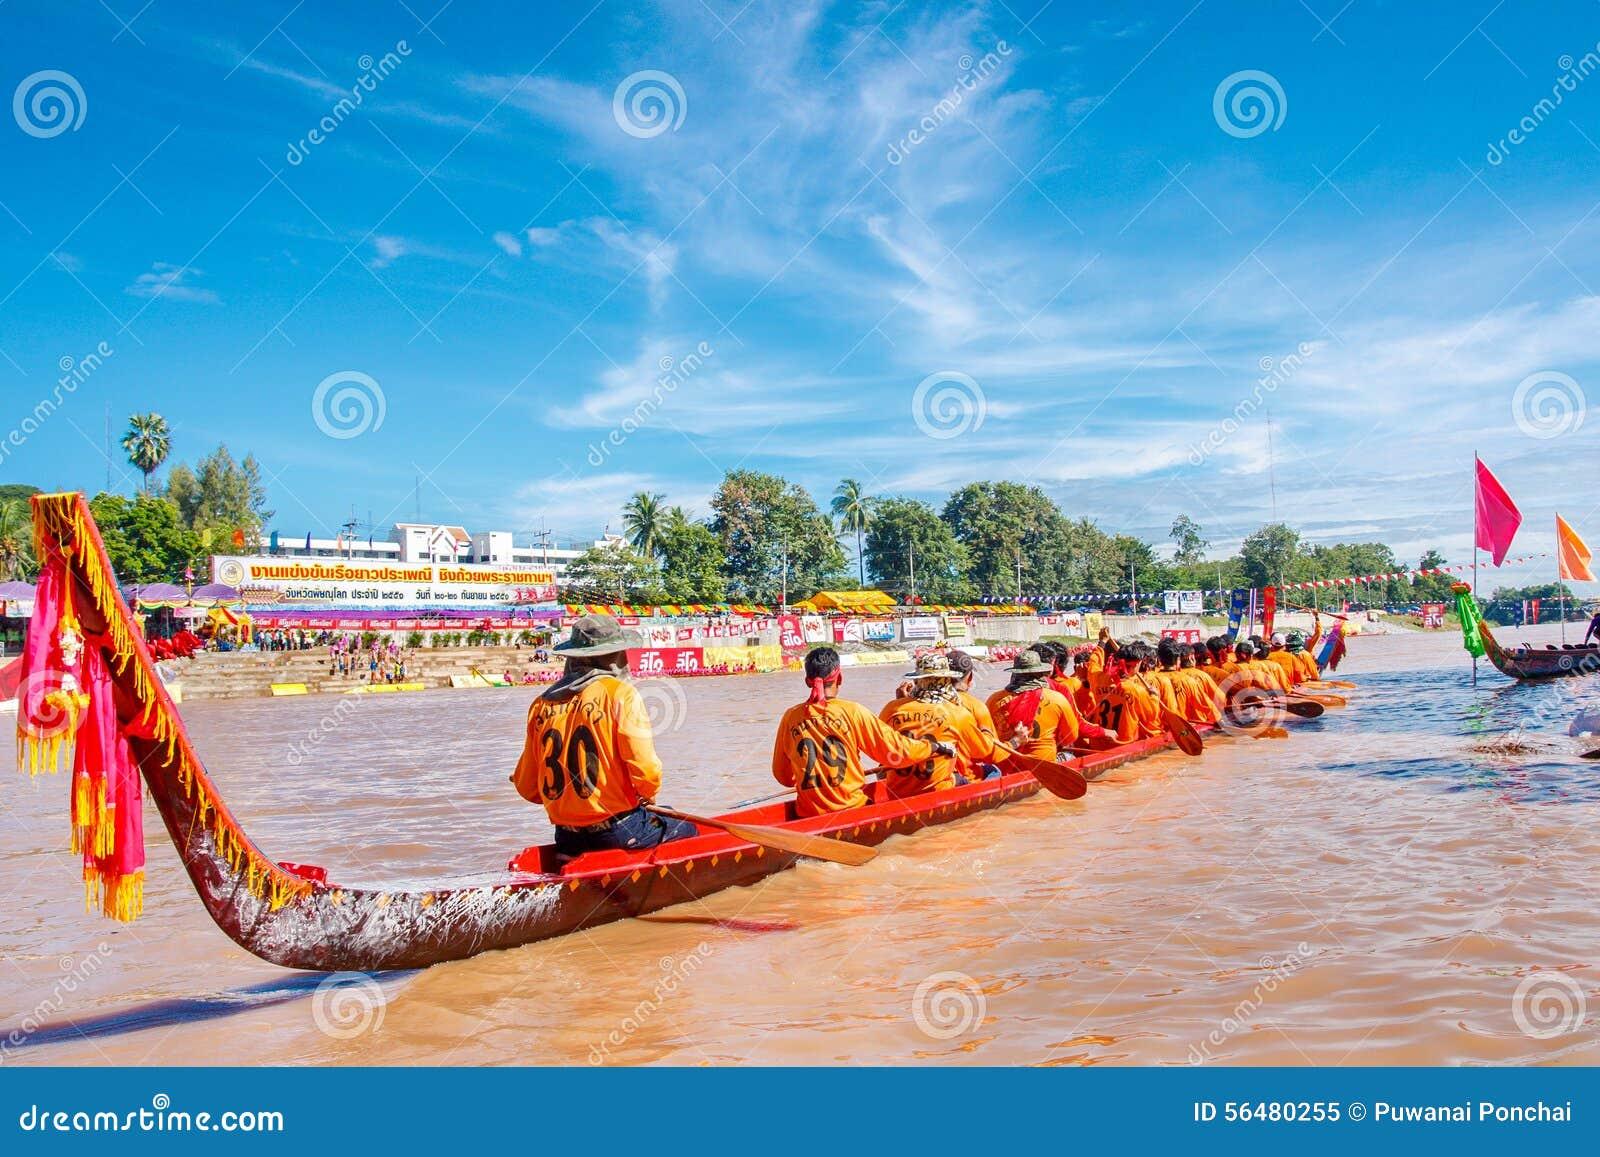 PHITSANULOKE, THAÏLANDE - 21 SEPTEMBRE : Équipage non identifié dans le long festival thaïlandais traditionnel de concurrence de